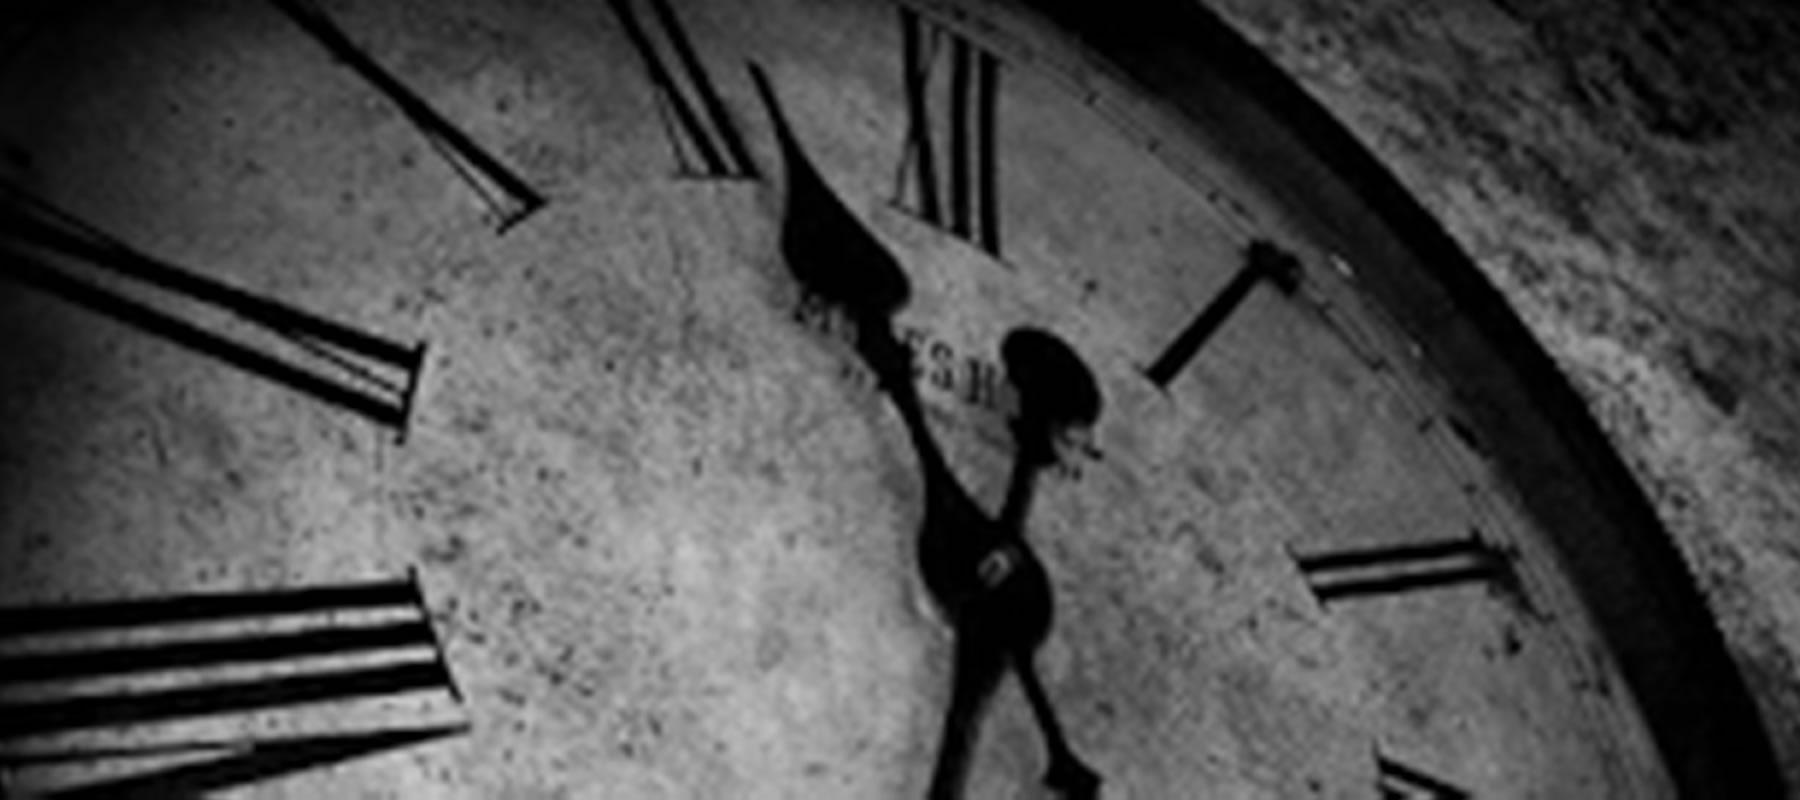 Somatória – poema de Jussara N Rezende